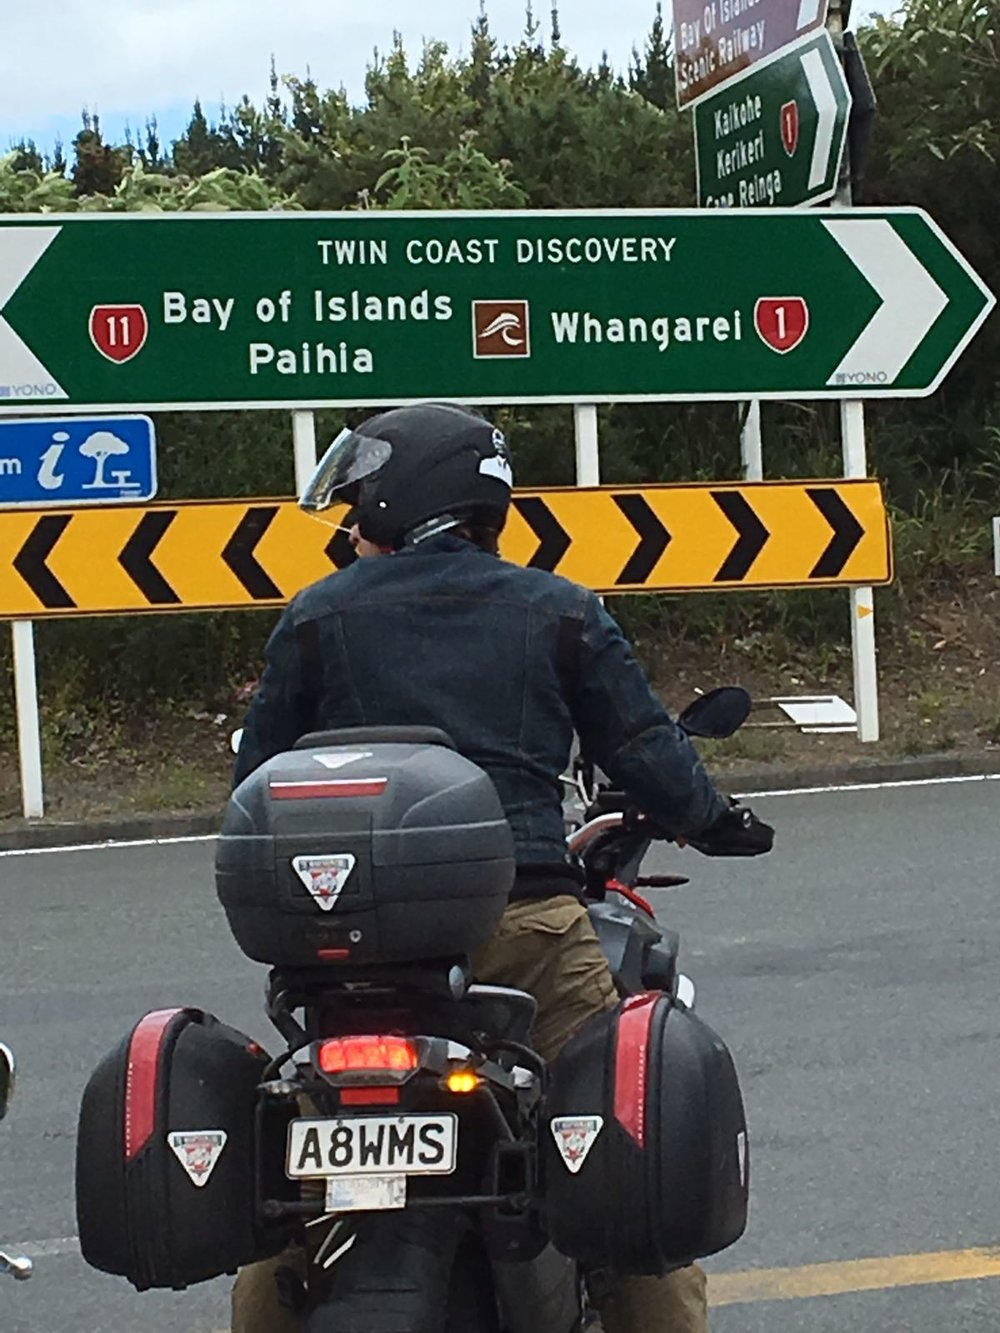 """Keep left, look right vai miten se menikään? Nyt alkaa siirtyminen kohti Whangaparoaa, tietysti maisemat olivat sanoin kuvaamattomia, mutta niin """"tavallisia"""" ettei kuvia tullut räpsittyä reitin varrelta. Siispäasiallinen siirtyminen seuraavaan majapaikkaan Aucklandin pohjoispuolelle missä koettiin matkan ensimmäiset uukkarit, niitä onnistuttiin tuottamaan jopa """"kaksi yhden hinnalla"""". Sitten Thaikkuun syömään ja unta palloon"""